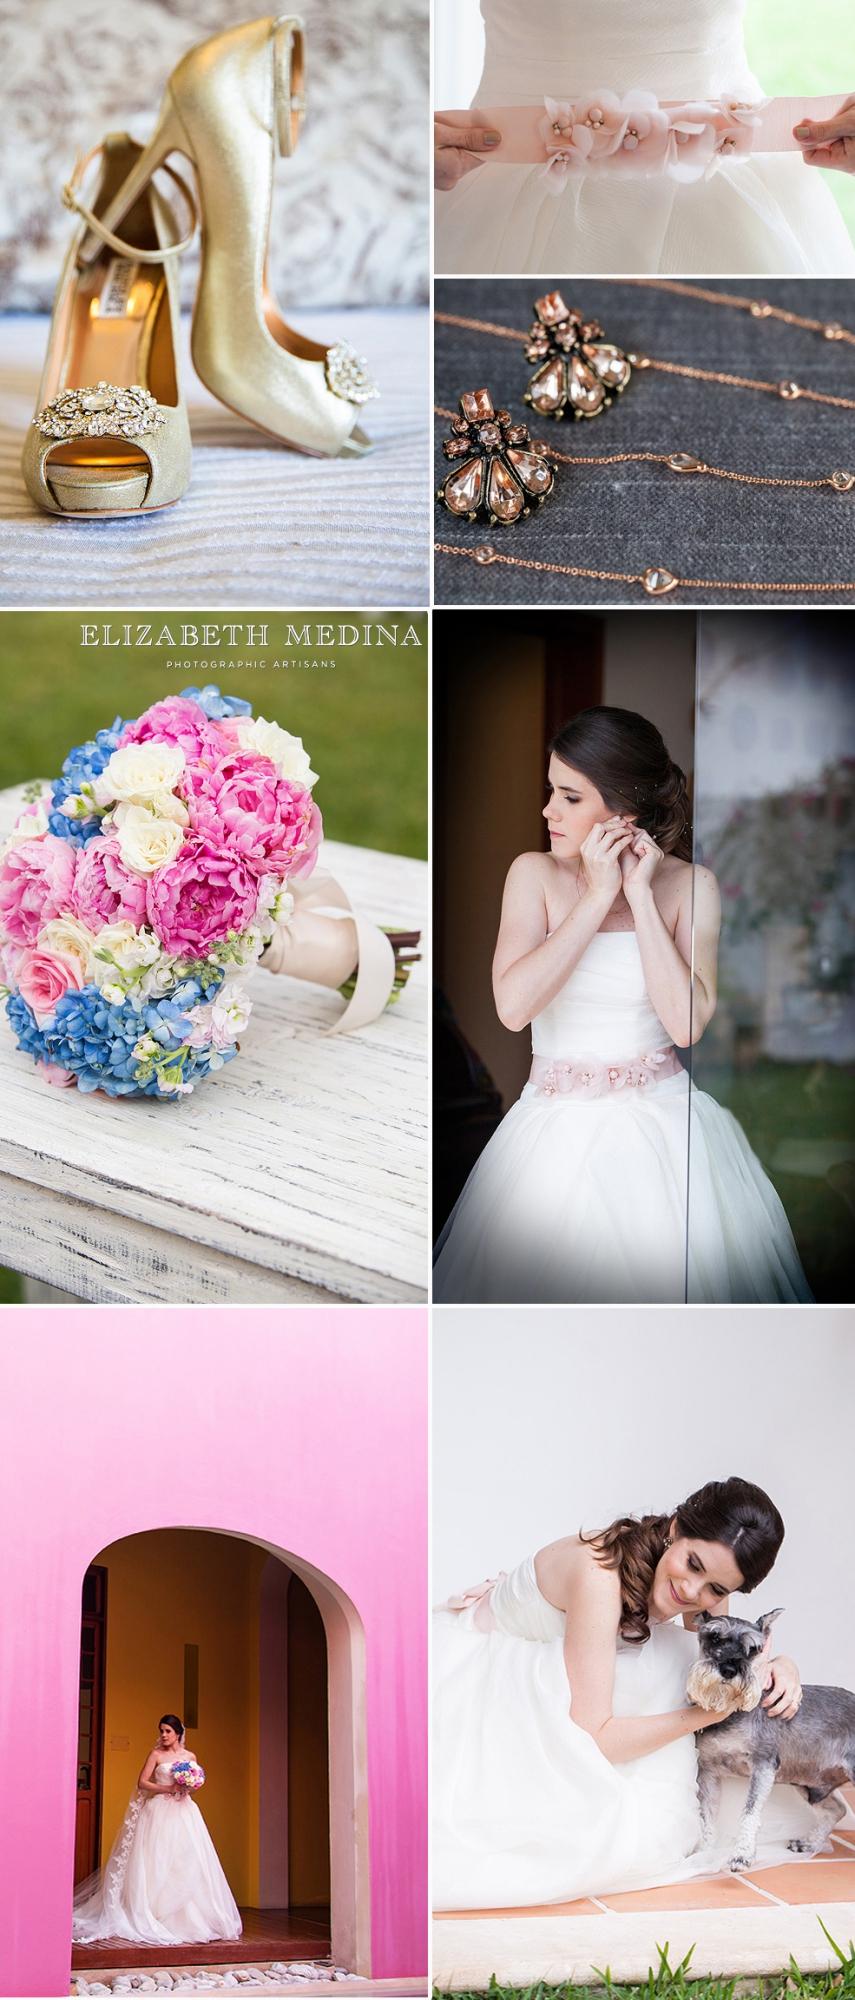 merida_wedding_elizabeth_medina_0001 Boda en Merida, Quinta Montes Molina 03 14 2015